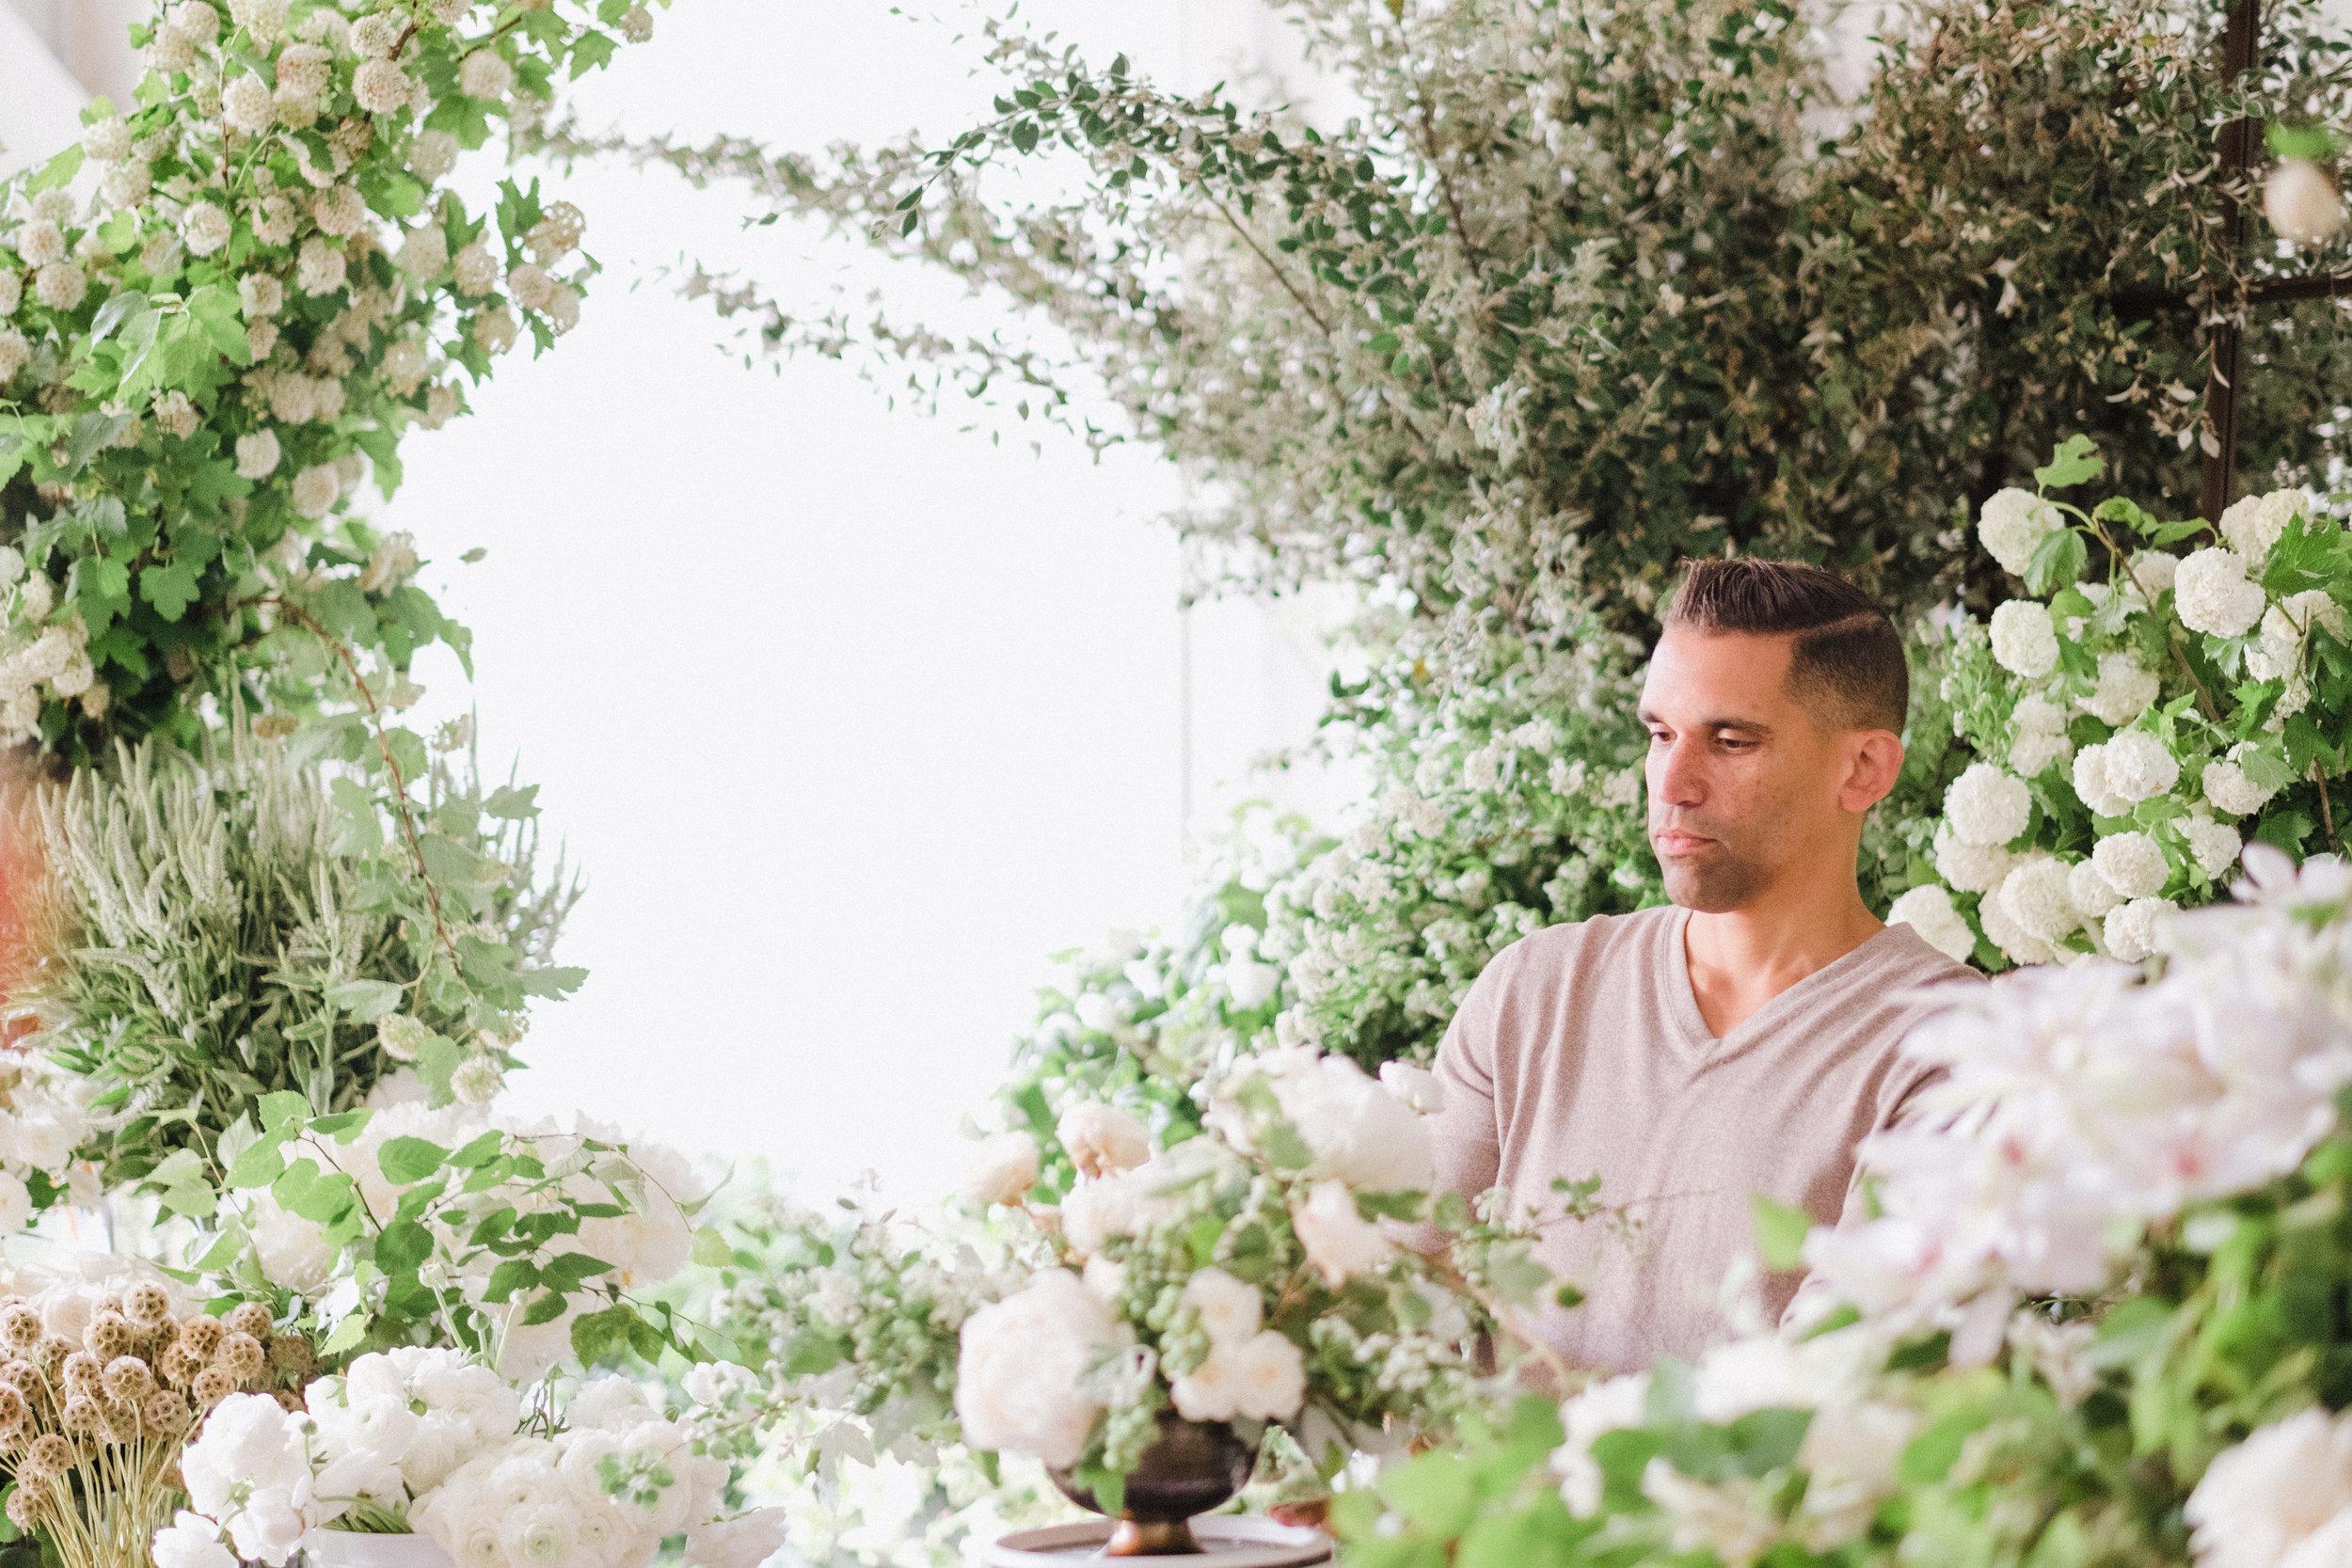 sinclairandmoore-real-wedding-workshop-ryanflynn-00206.jpg